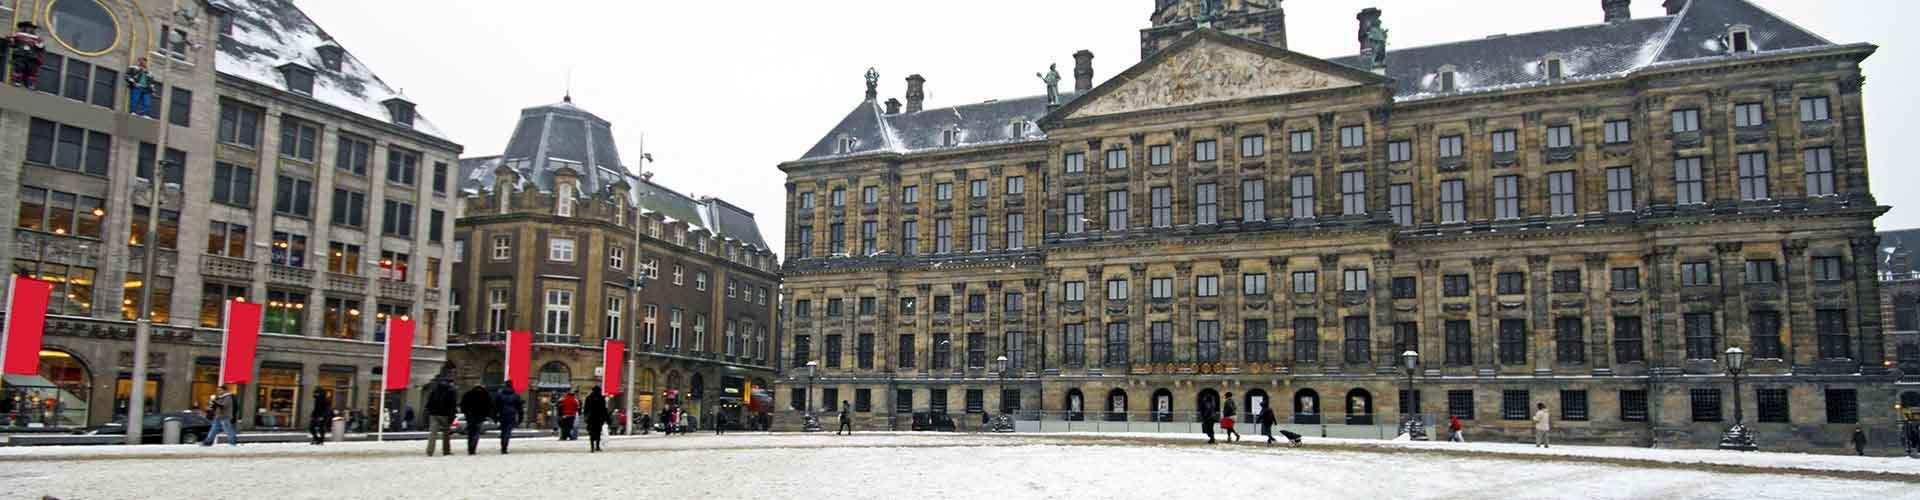 Amsterdam – Albergues próximos a Royal Palace. Mapas para Amsterdam, Fotos e Avaliações para cada Albergue em Amsterdam.